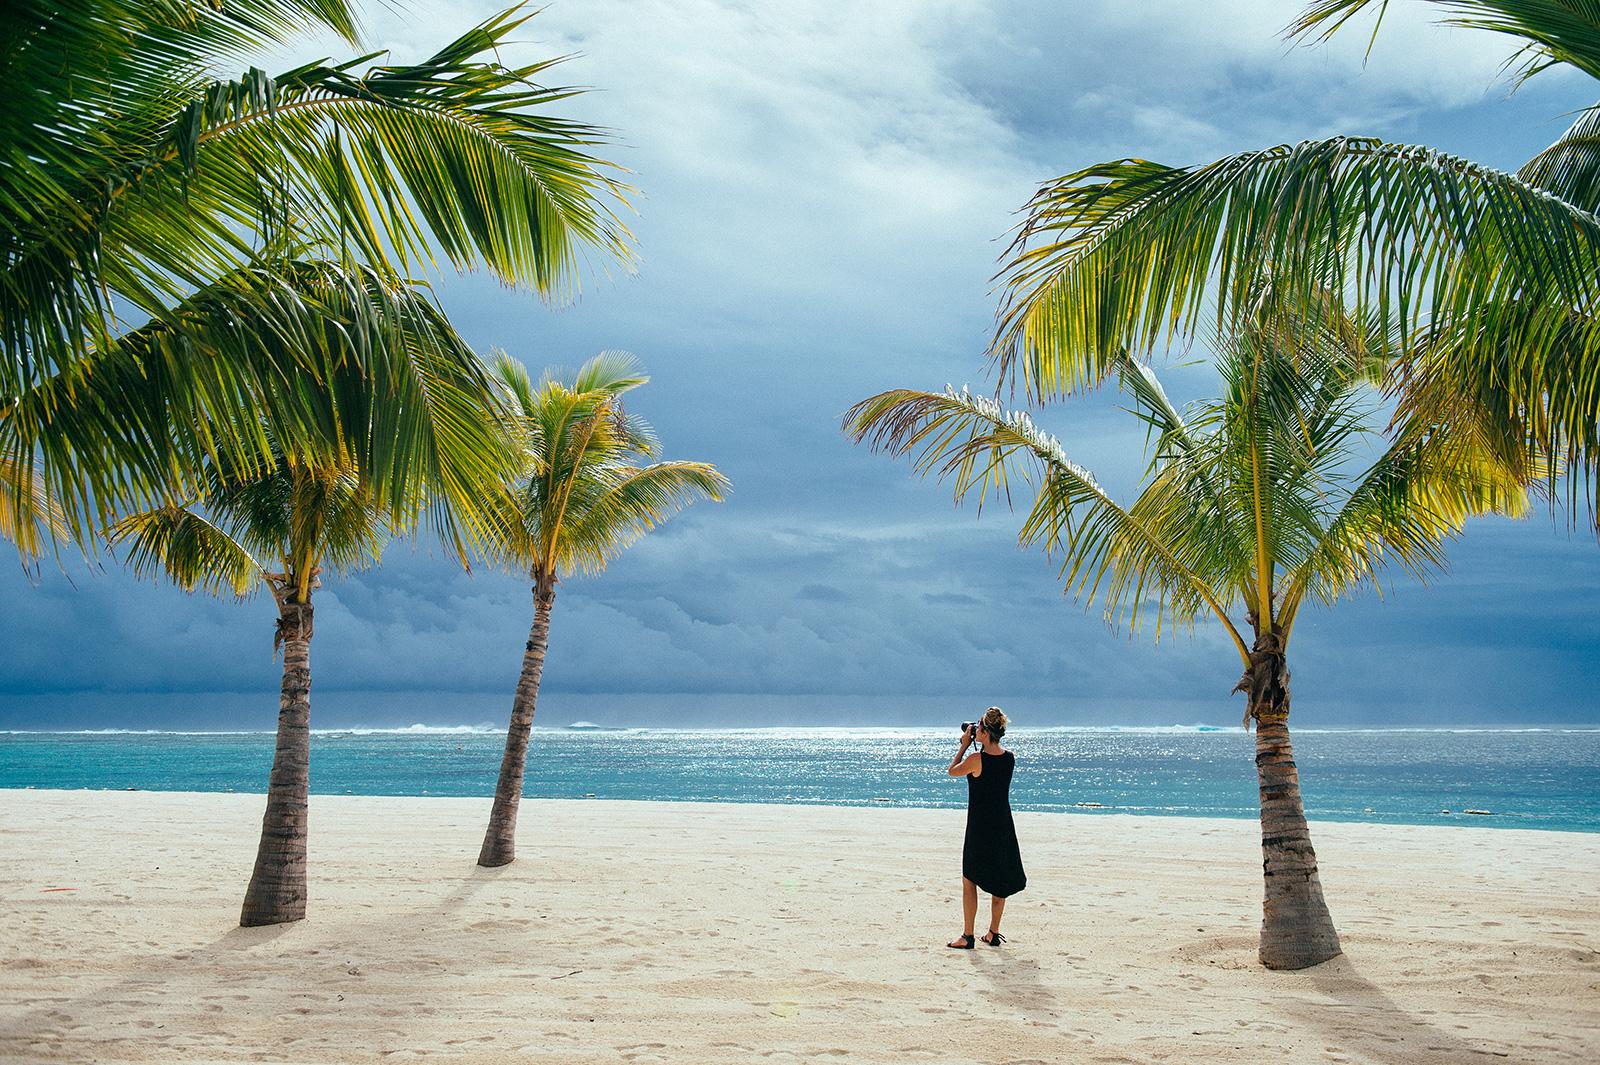 Photographer on location on beach